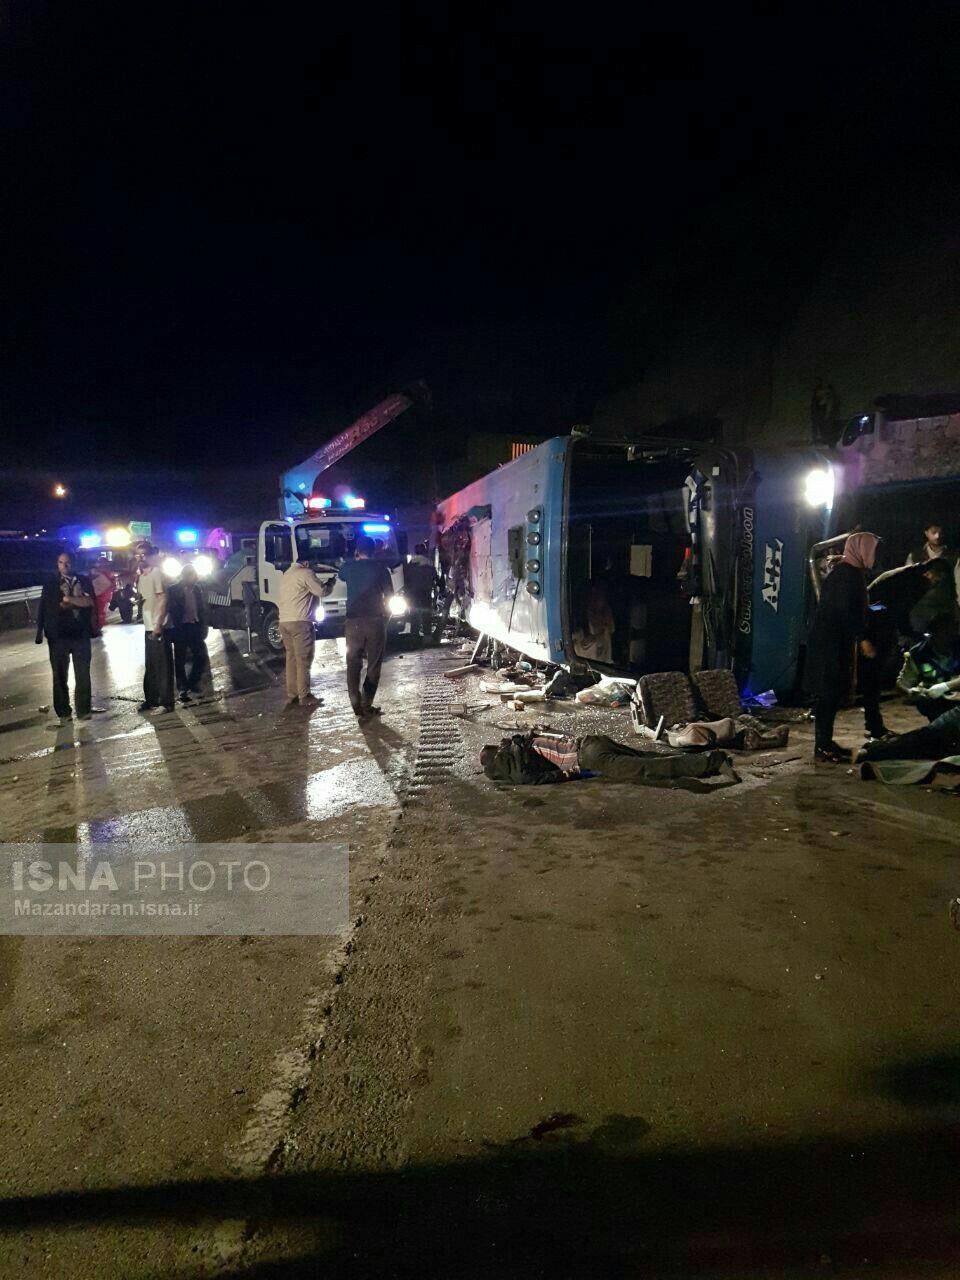 واژگونی اتوبوس در جاده سوادکوه/ ۱۴ کشته و ۱۸ مصدوم+فیلم و عکس